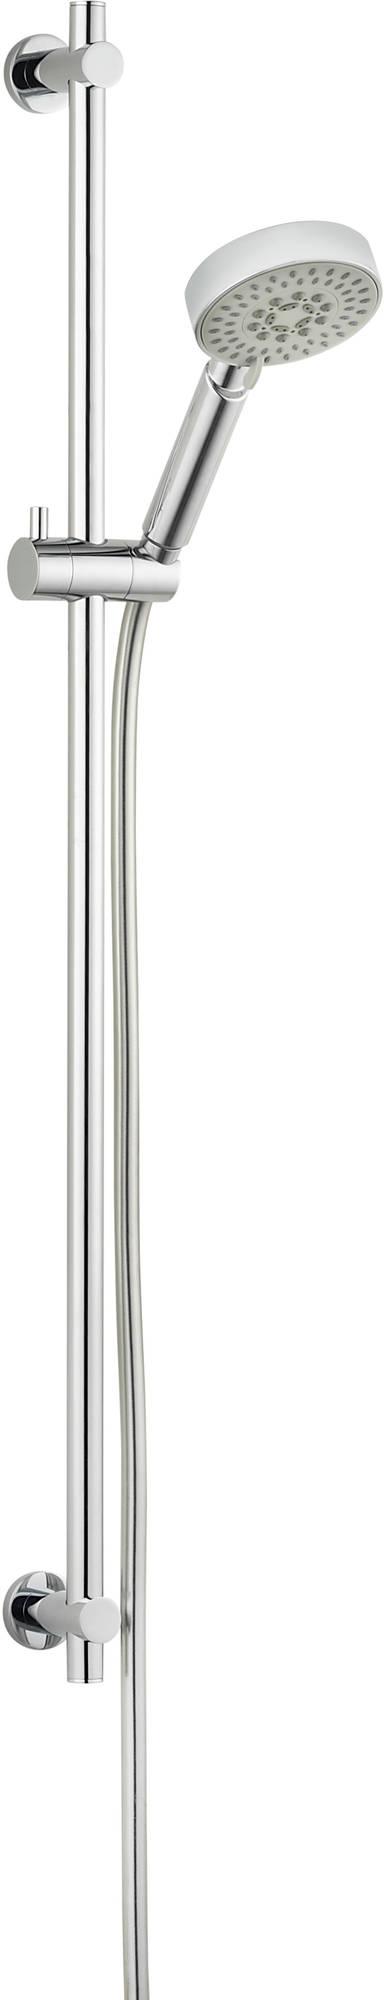 Ben glijstangset chroom 90cm